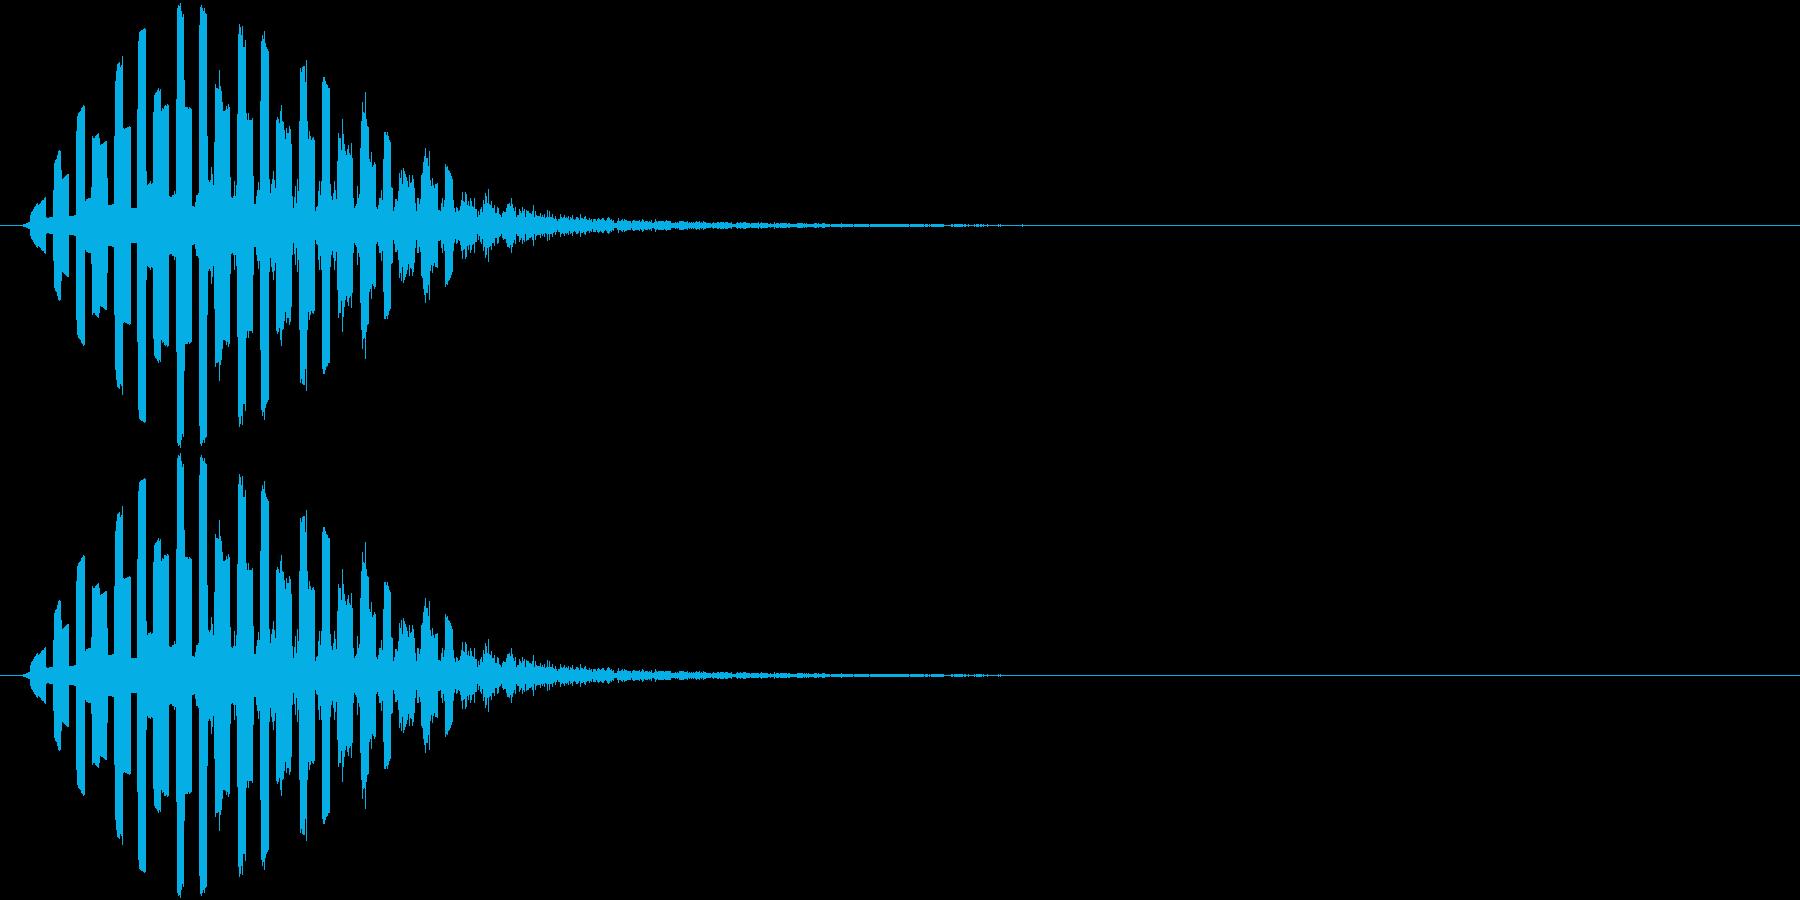 攻撃呪文、電磁波系の再生済みの波形